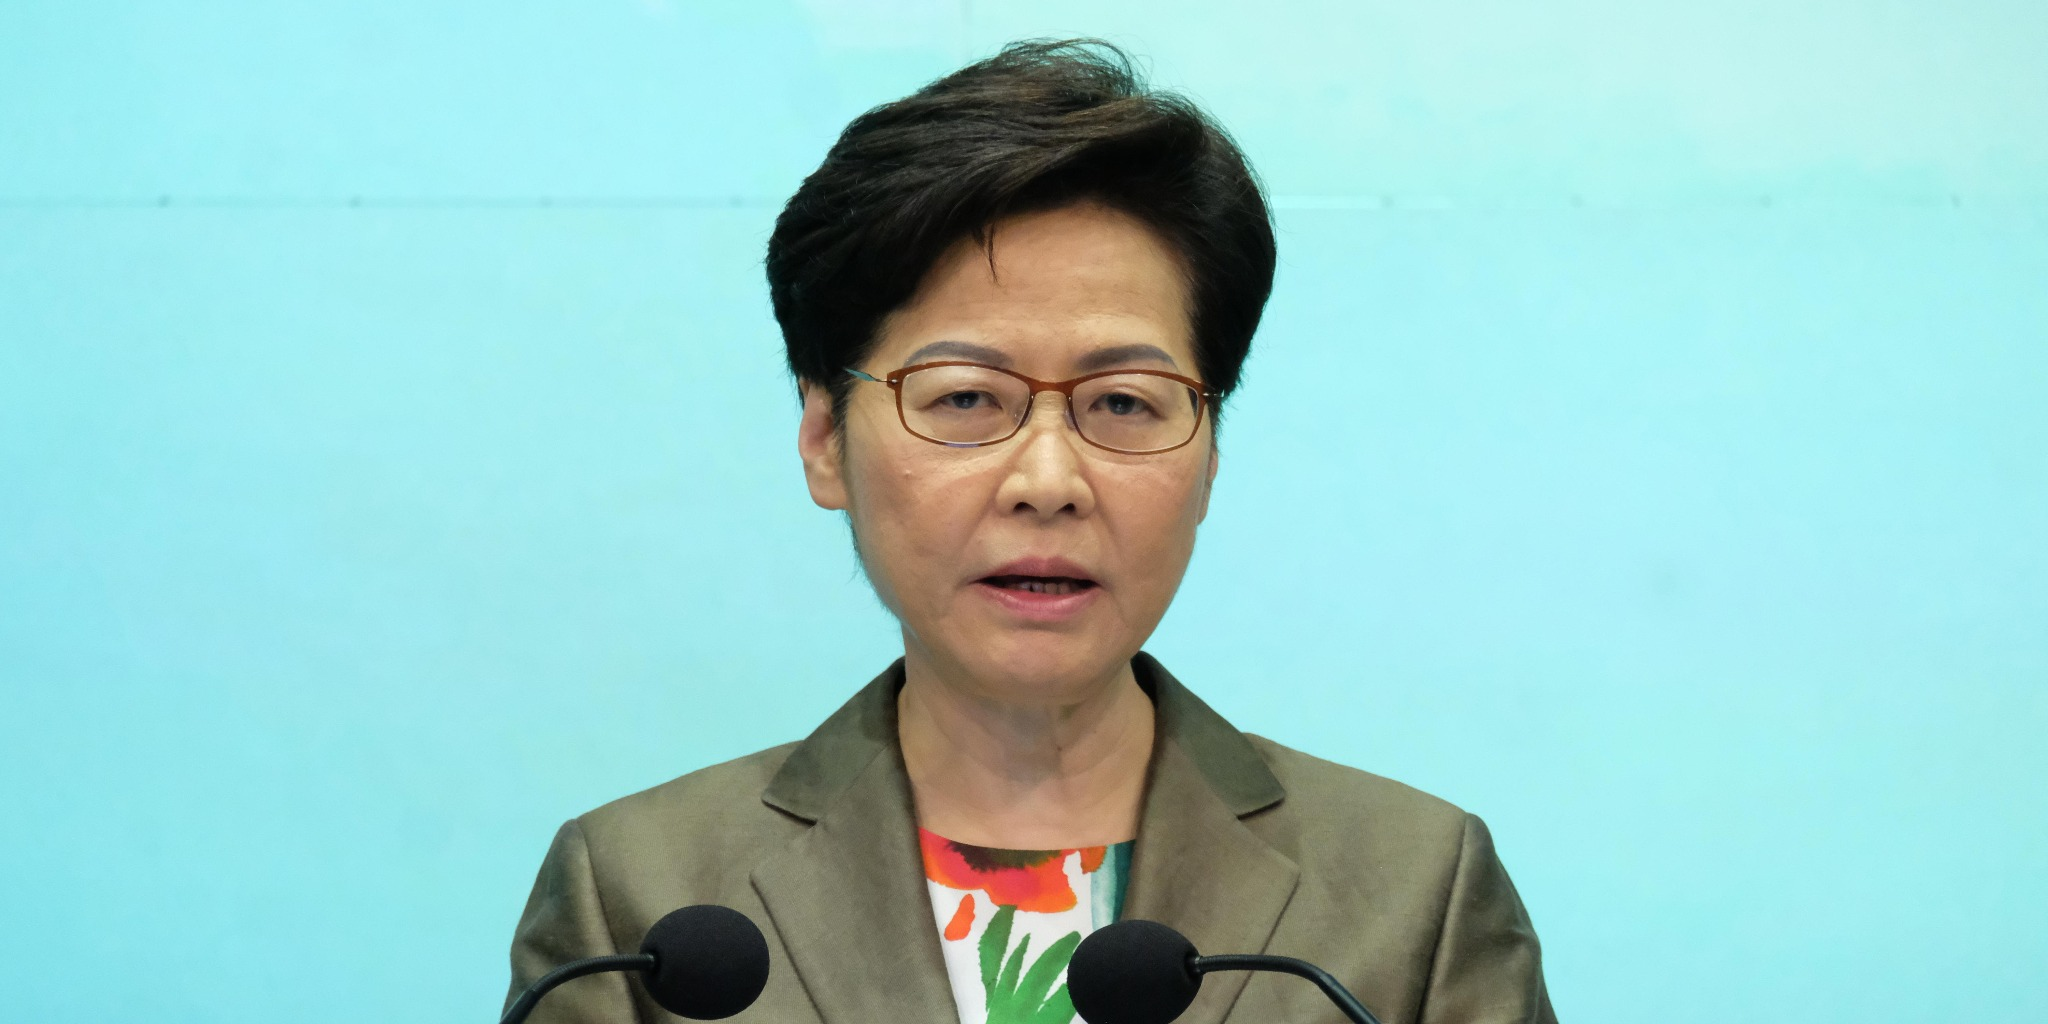 林鄭:不挽留移民港人 施政報告展示香港未來